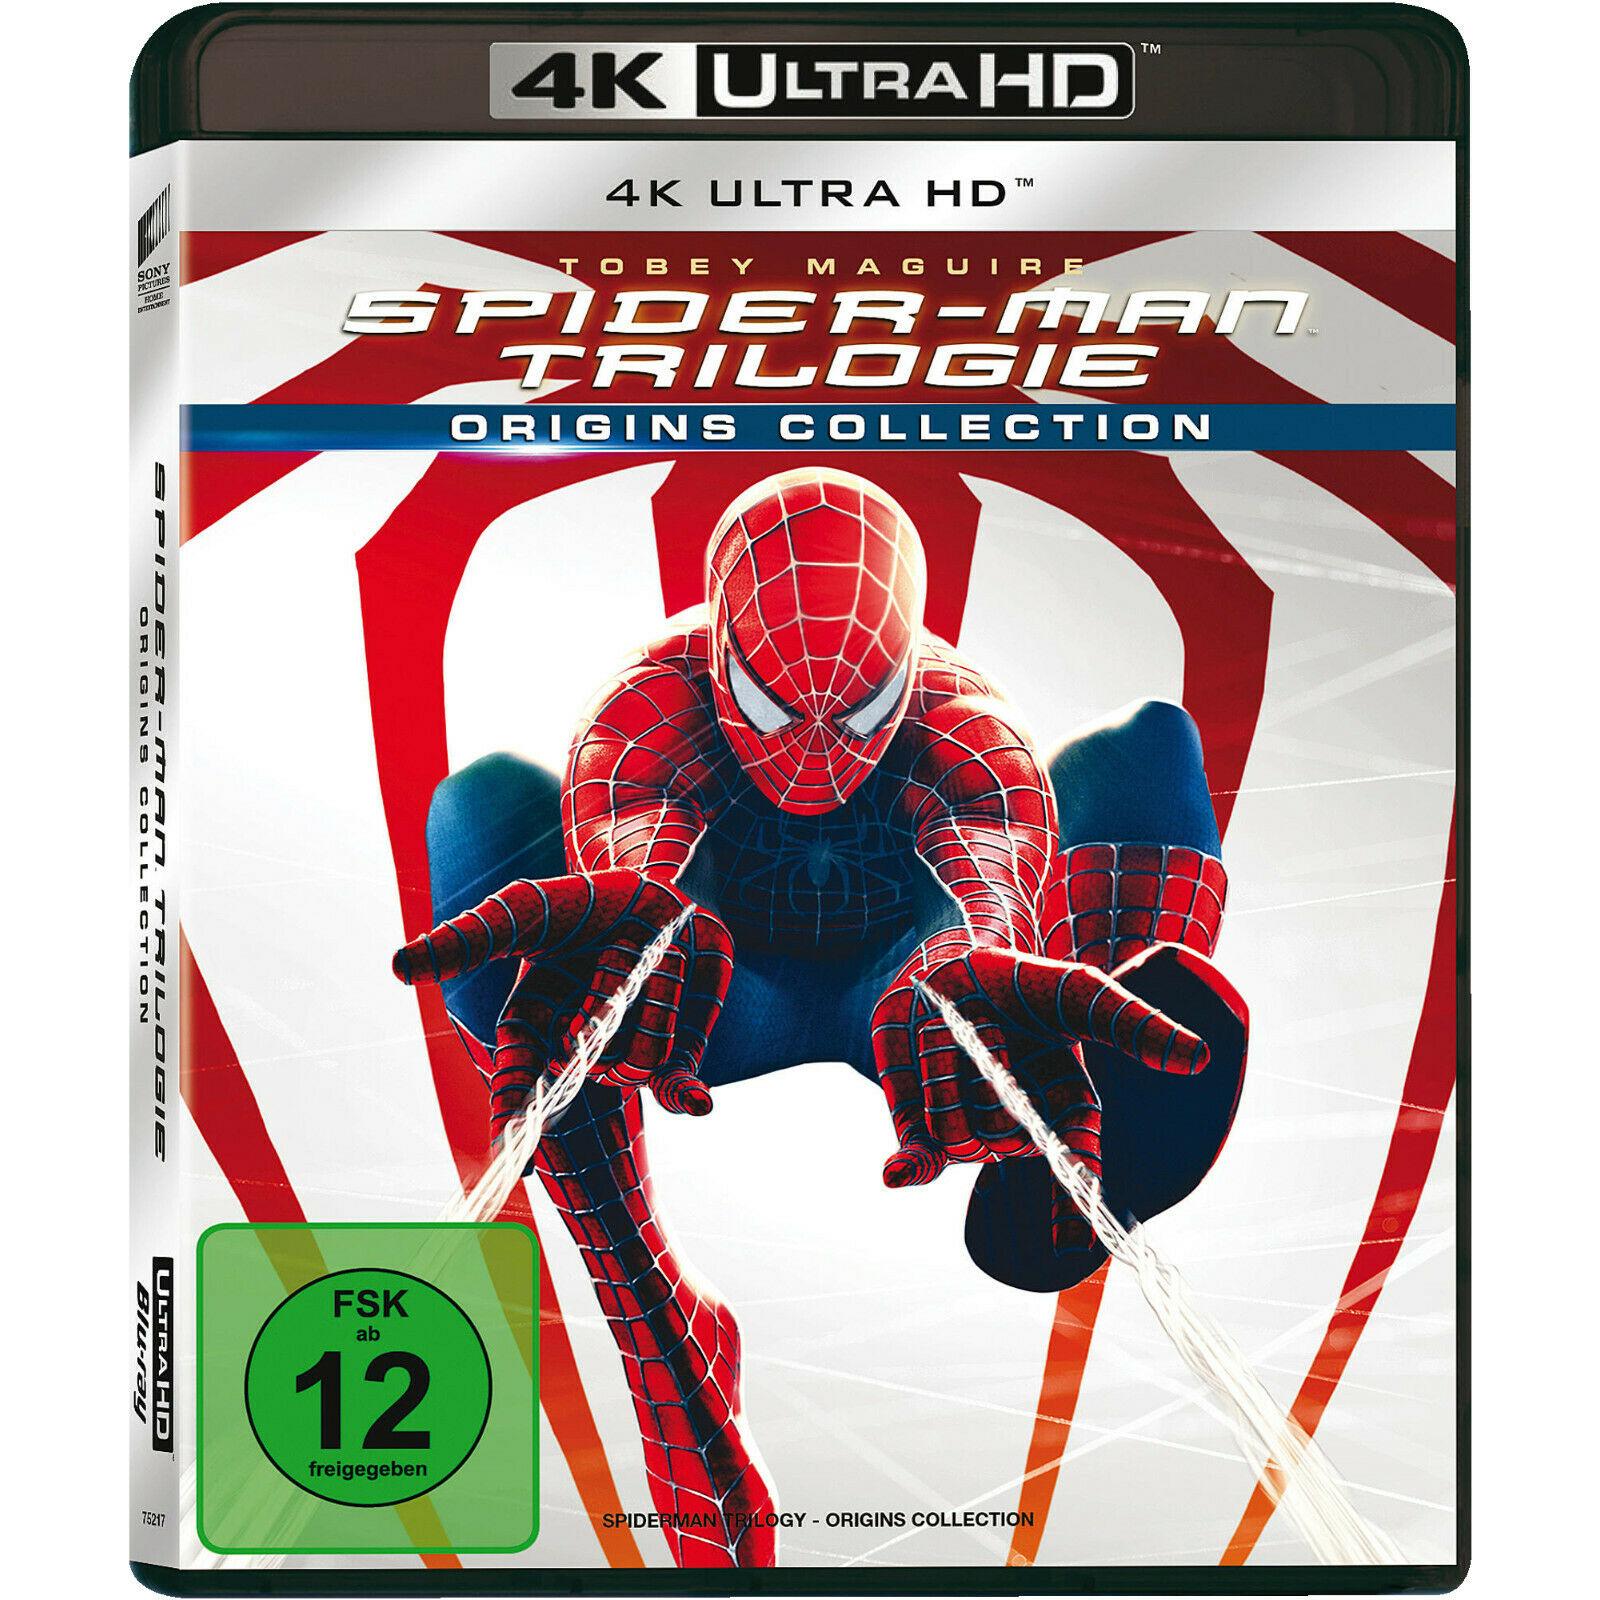 Spider-Man Trilogie Origins Collection 4K (4K UHD Blu-ray) für 29€ versandkostenfrei (Media Markt)